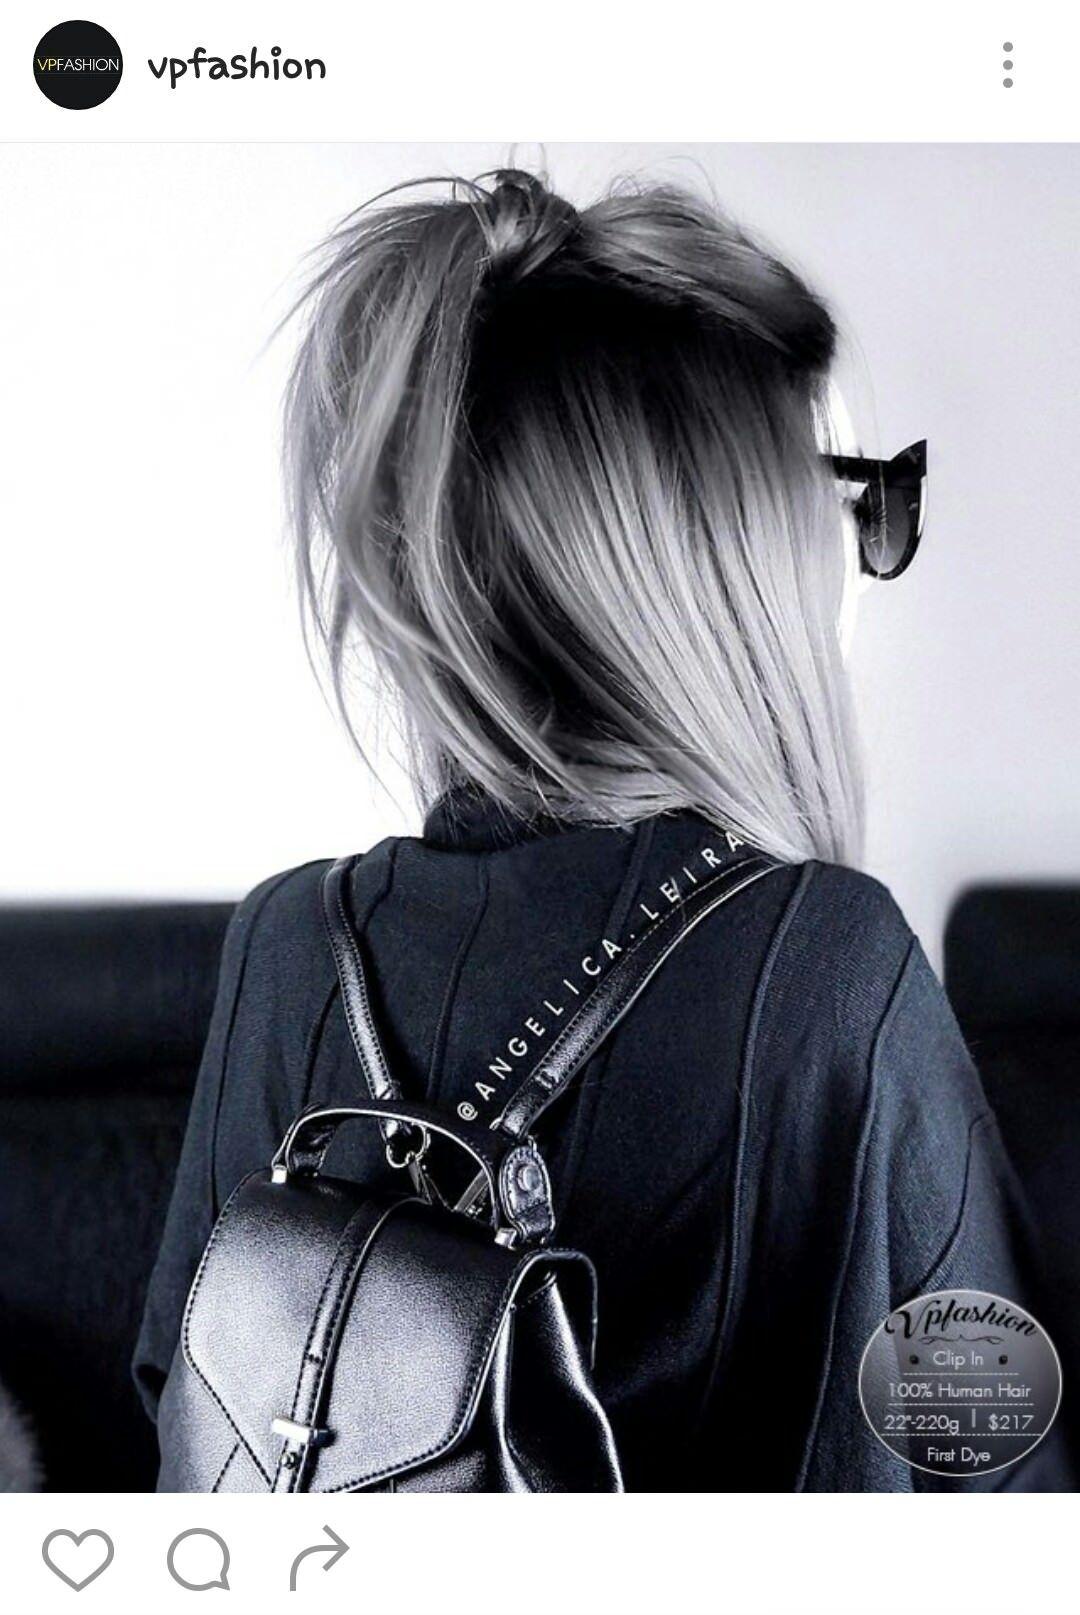 Fotos de chicas con cabello corto b612